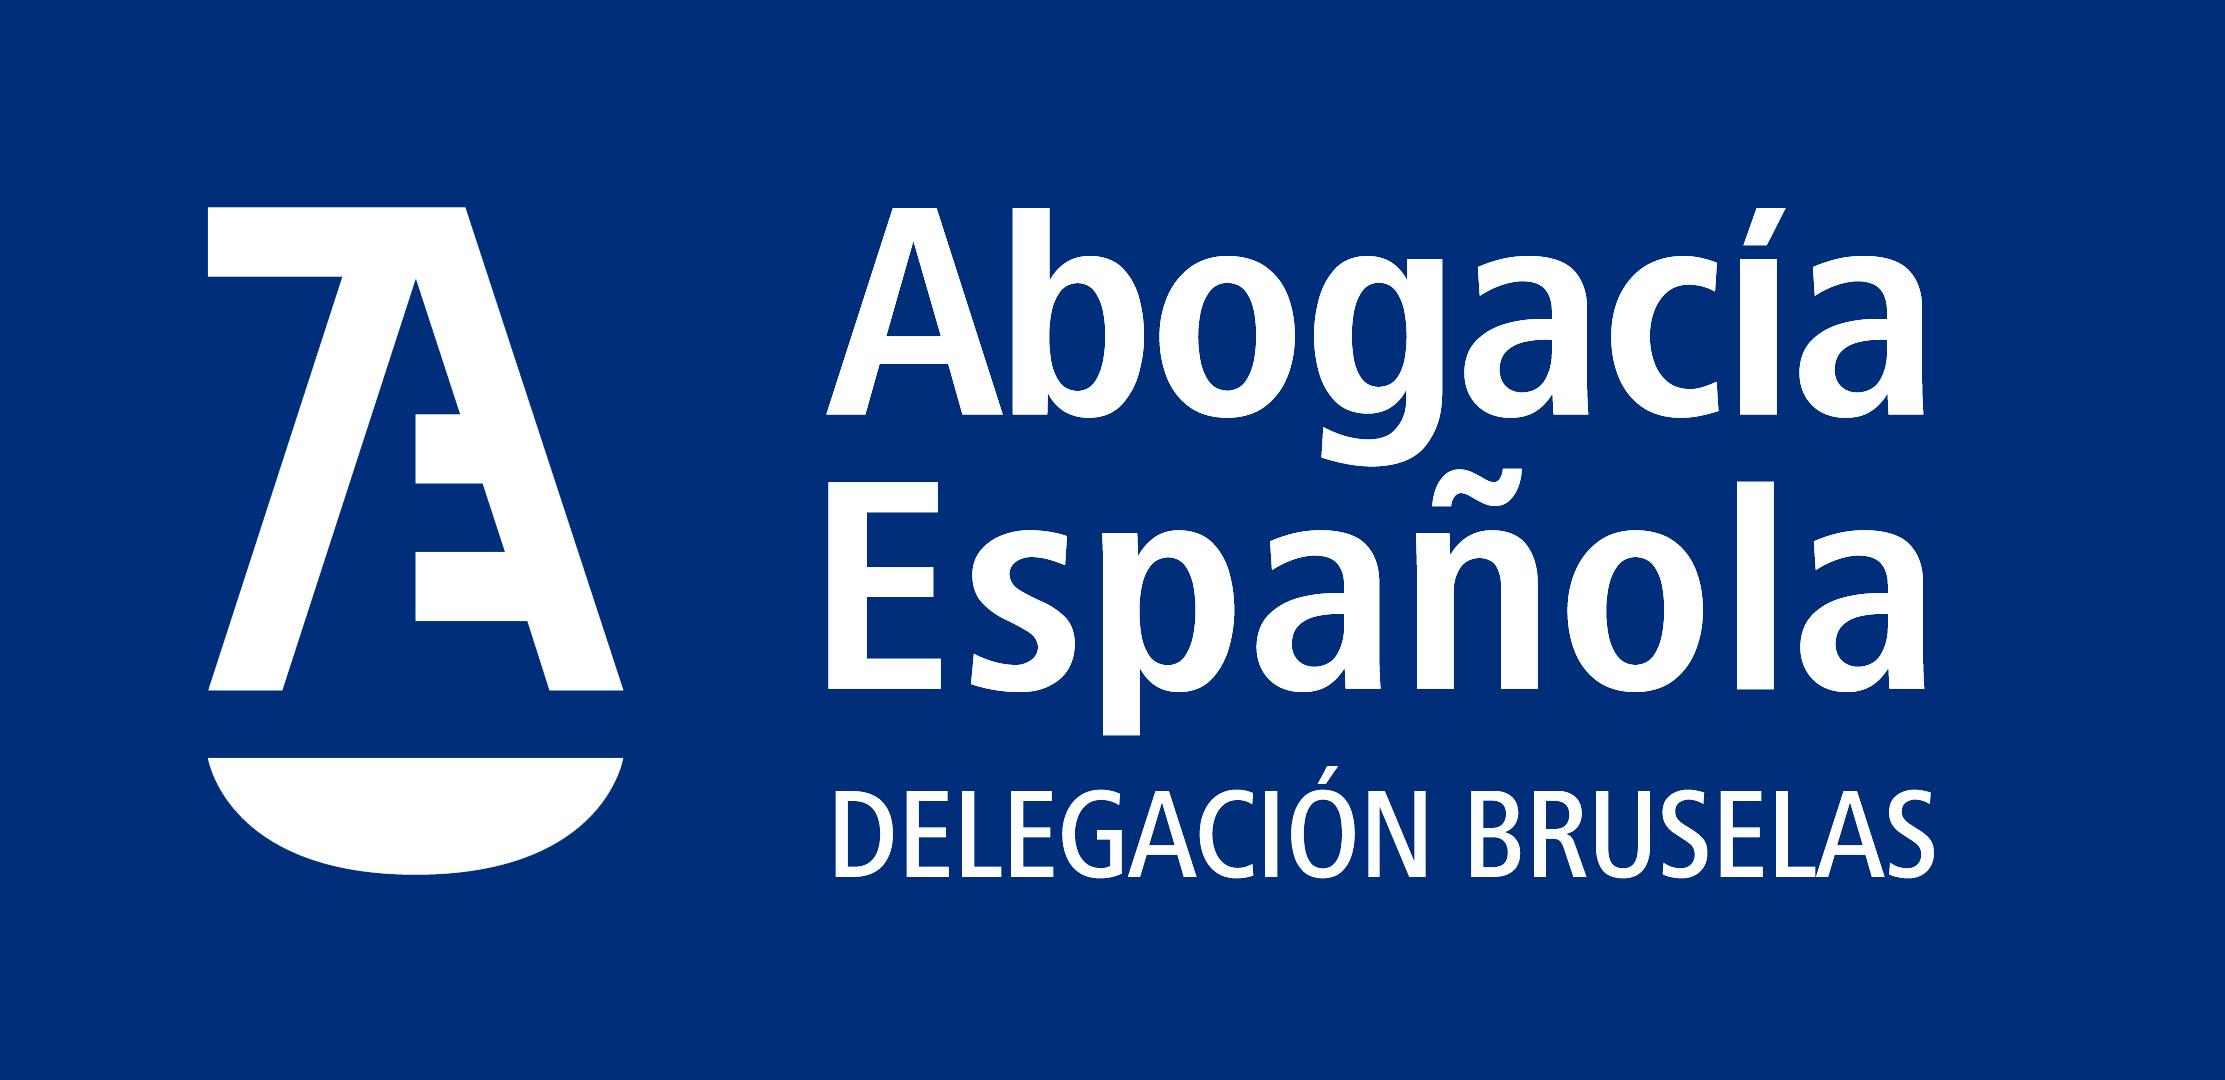 Logotipo Delegación Bruselas negativo